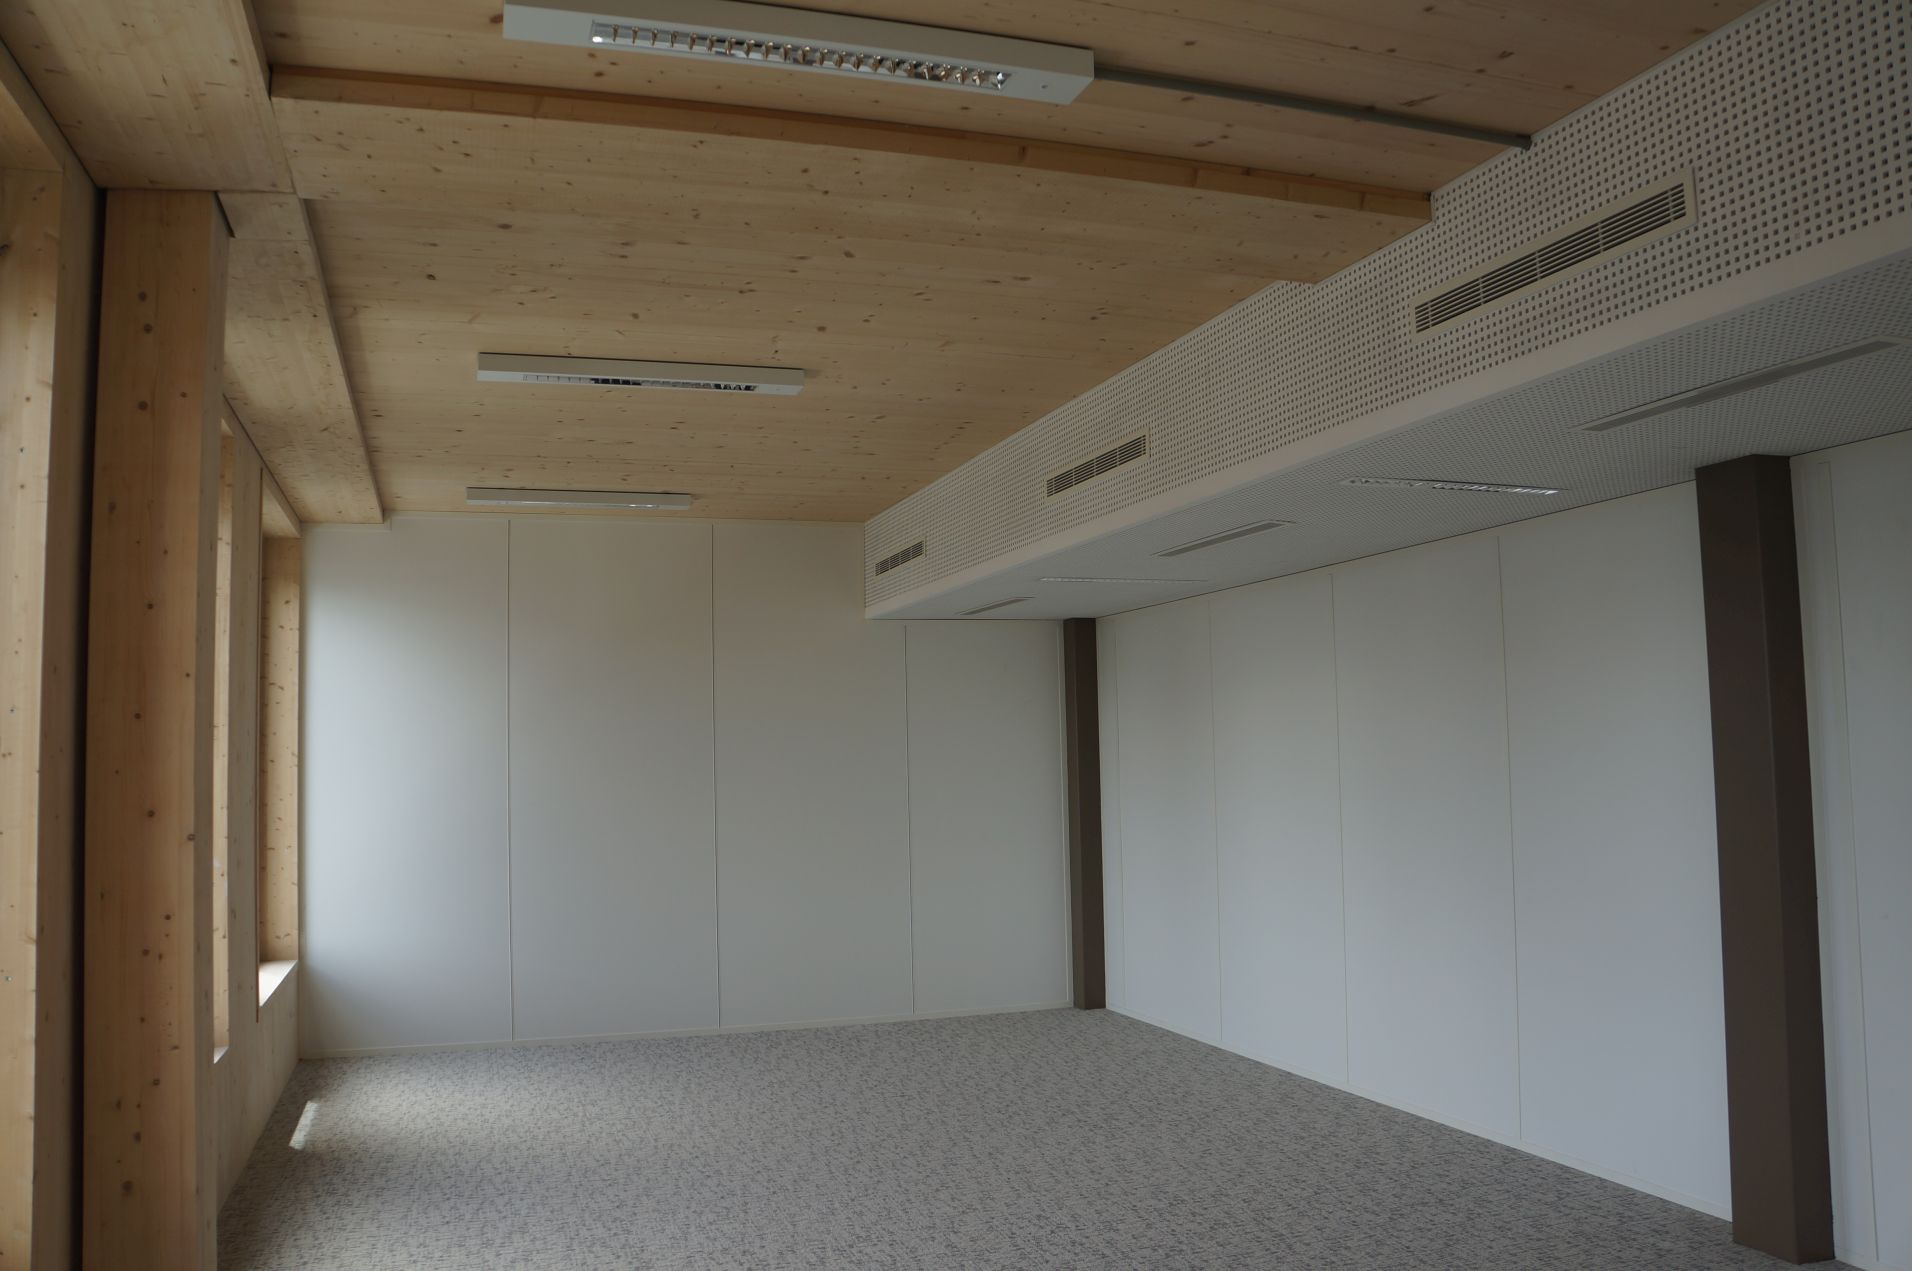 opalia le bois entre paris par la petite porte. Black Bedroom Furniture Sets. Home Design Ideas